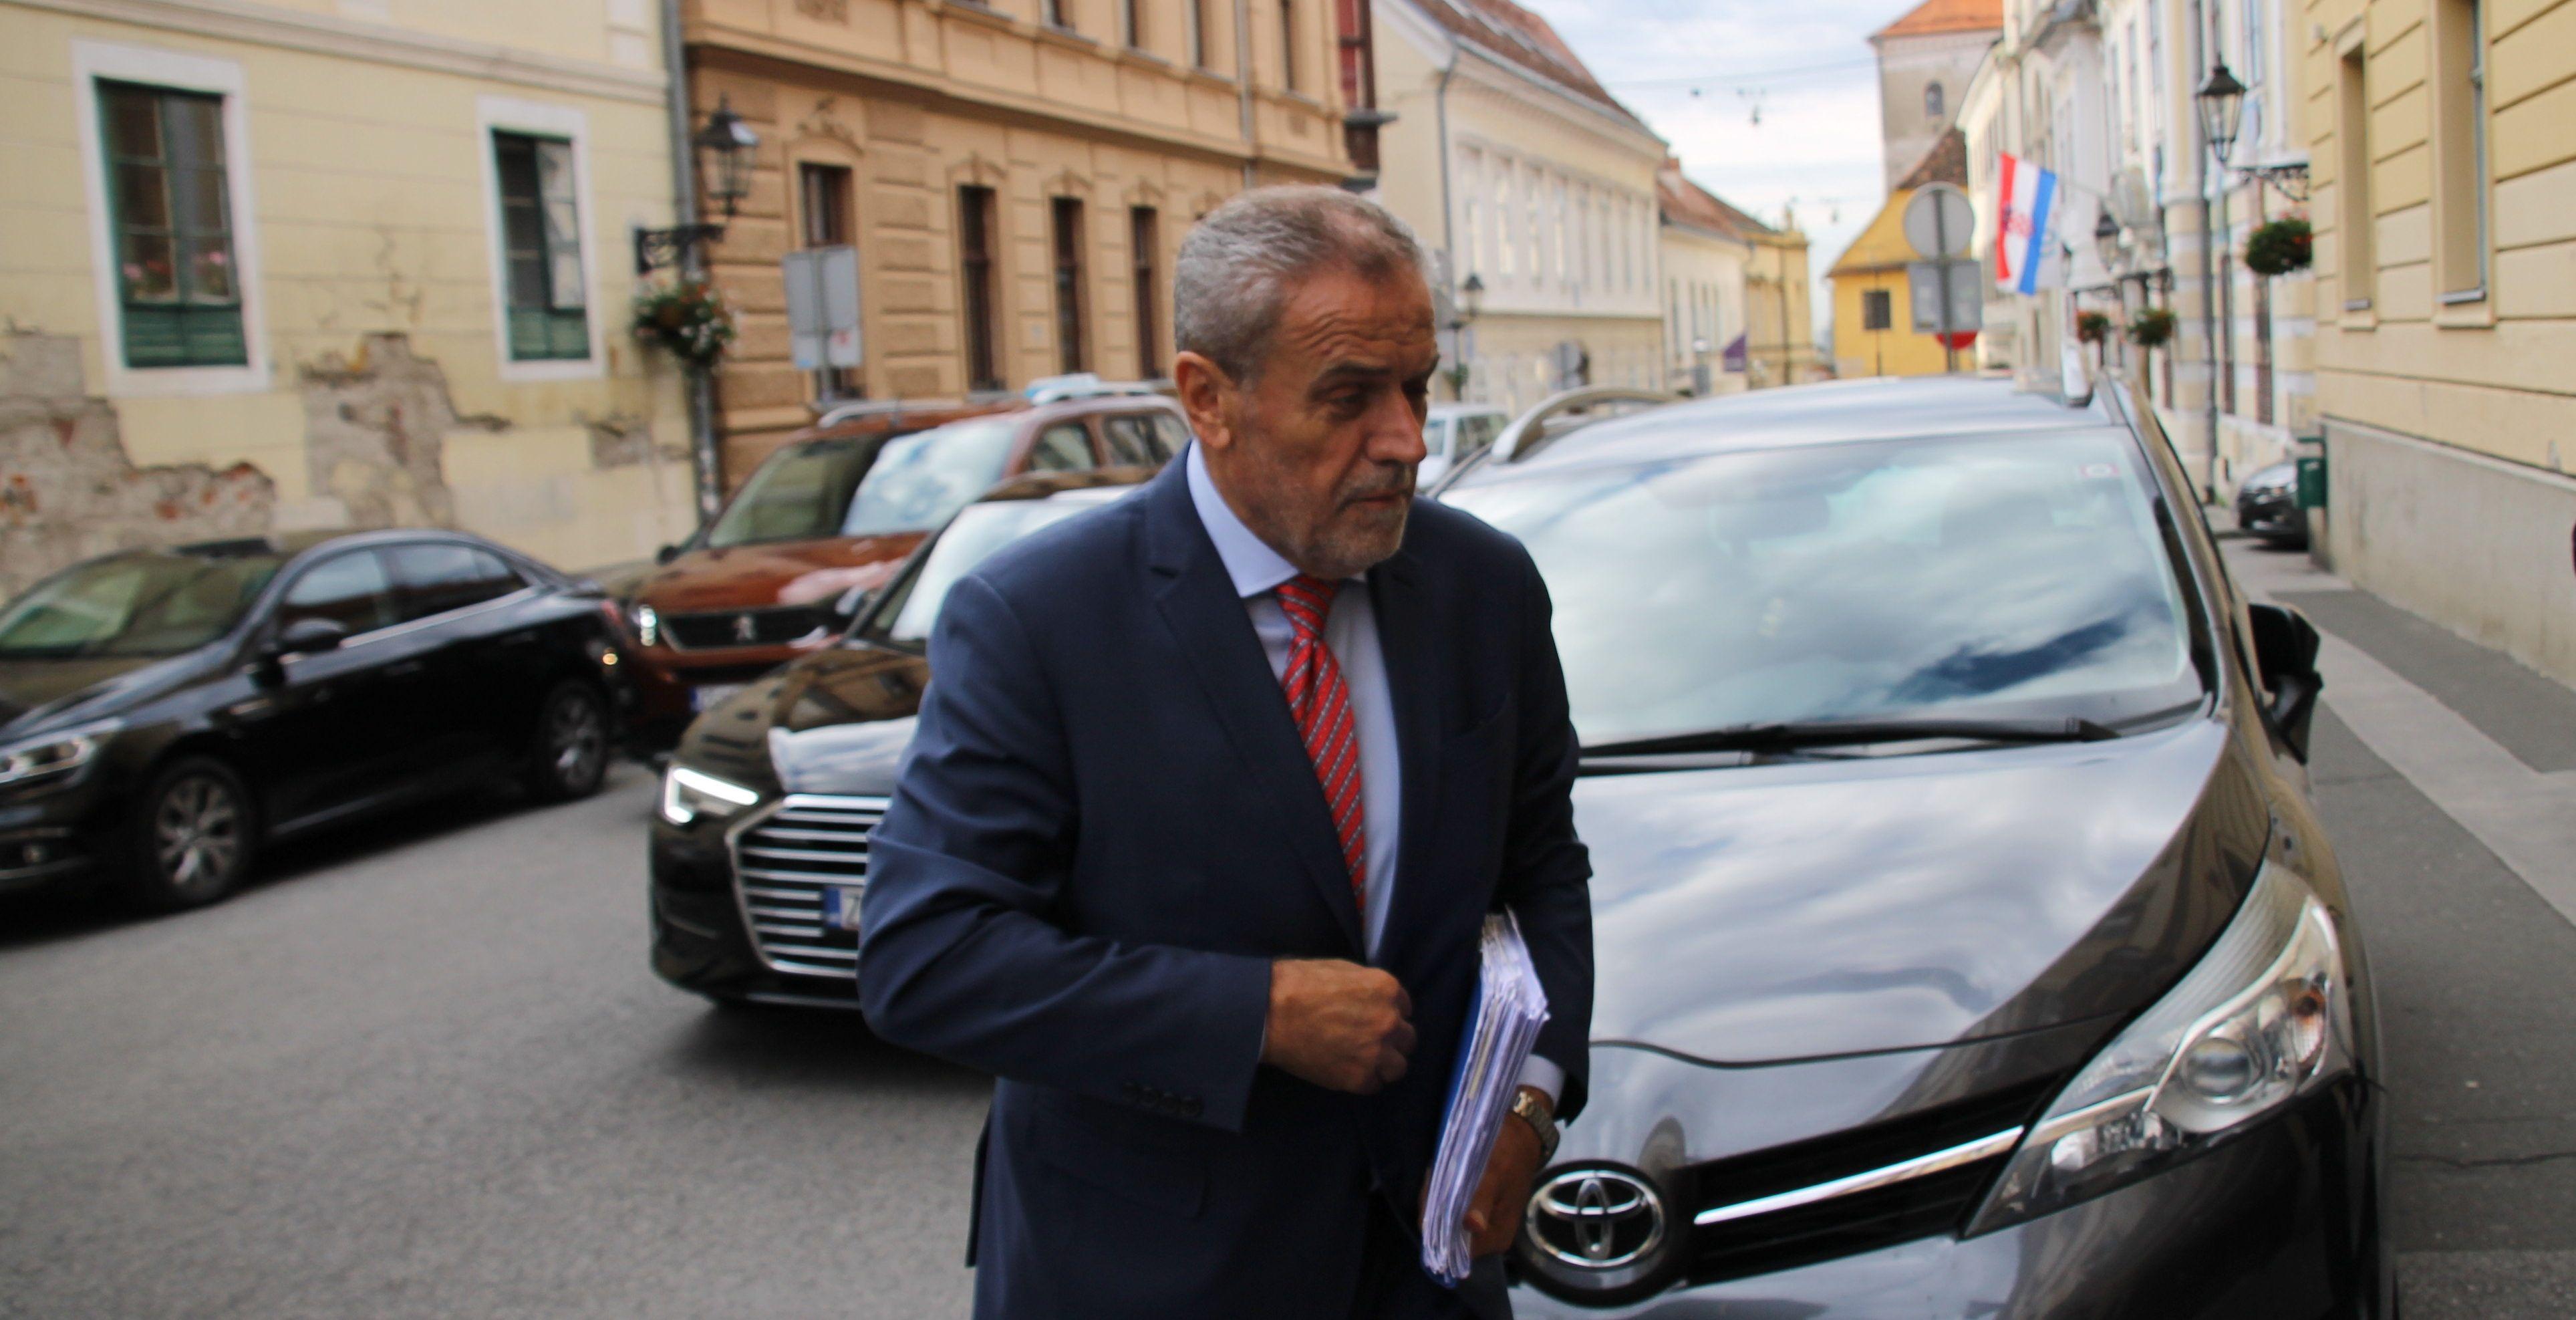 HND i SNH osudili Bandićev napad na novinara Radio Sljemena i psovke upućene slušateljicama: neće mene nitko j.. Neće skrenuti s mog puta istine i dostojanstva…